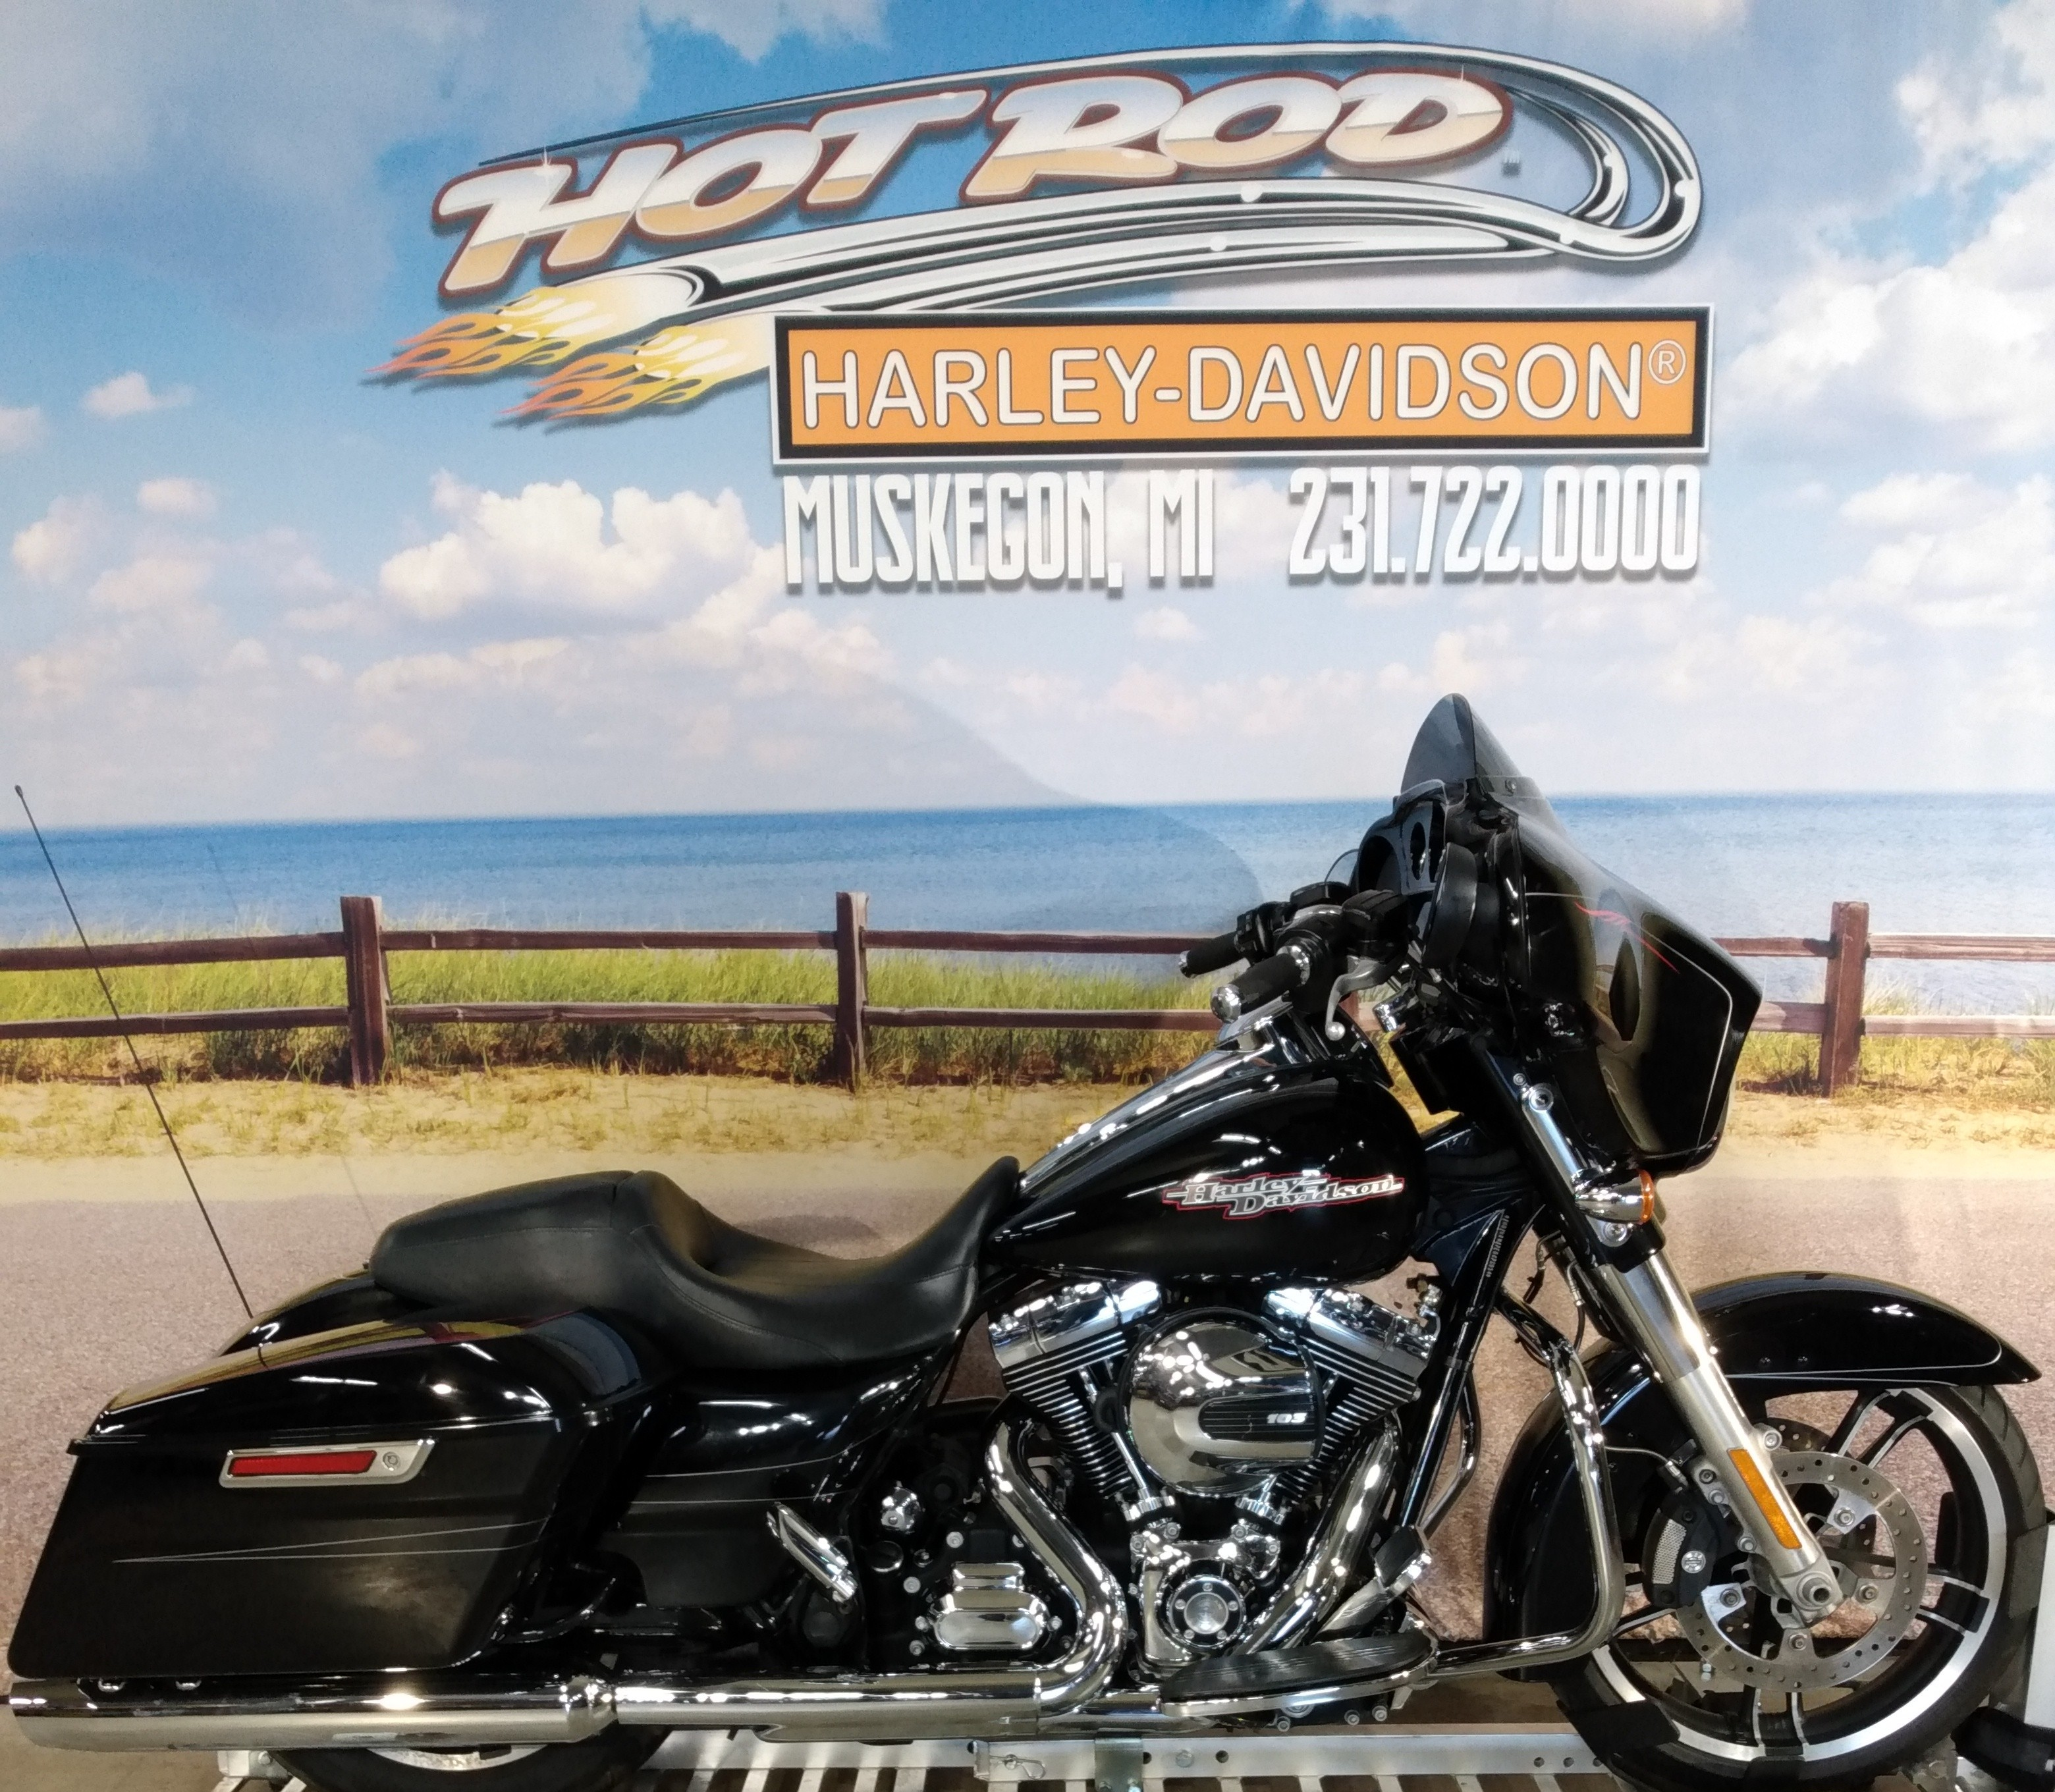 2014 Harley-Davidson Street Glide Special at Hot Rod Harley-Davidson